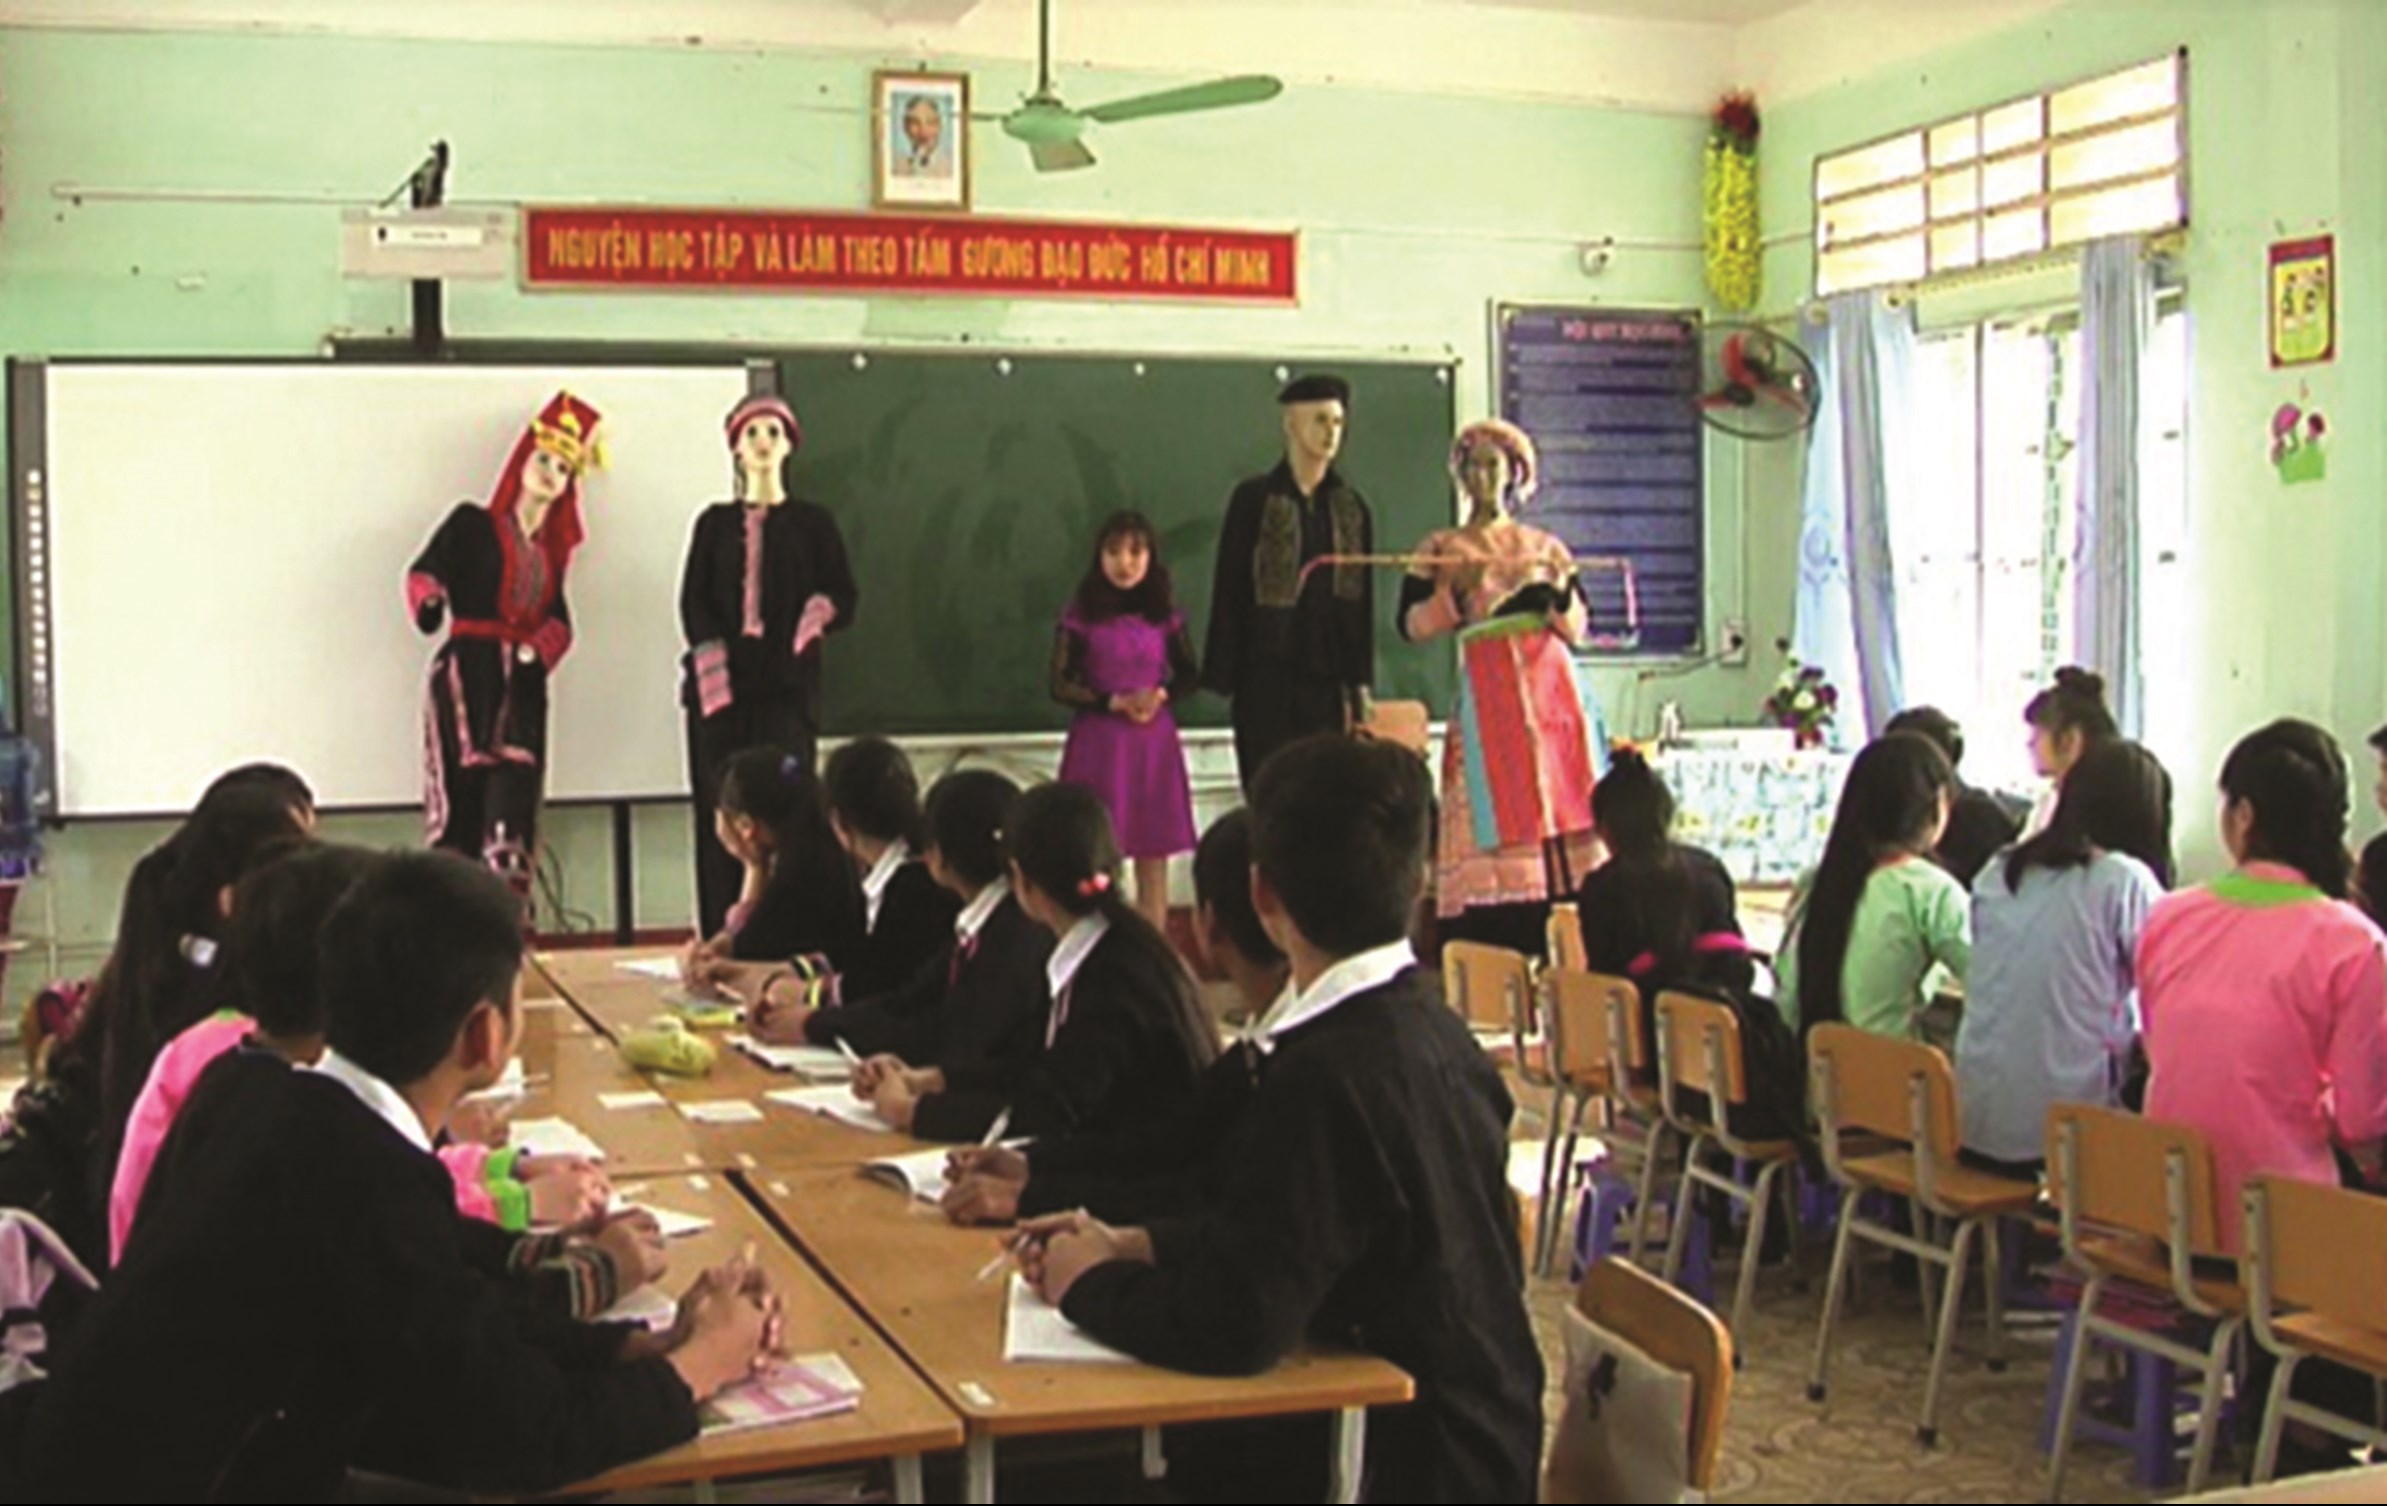 Tiết học Ngữ văn được lồng ghép nội dung văn hóa dân tộc tại Trường THPT Dân tộc nội trú tỉnh Lào Cai (Ảnh TL)